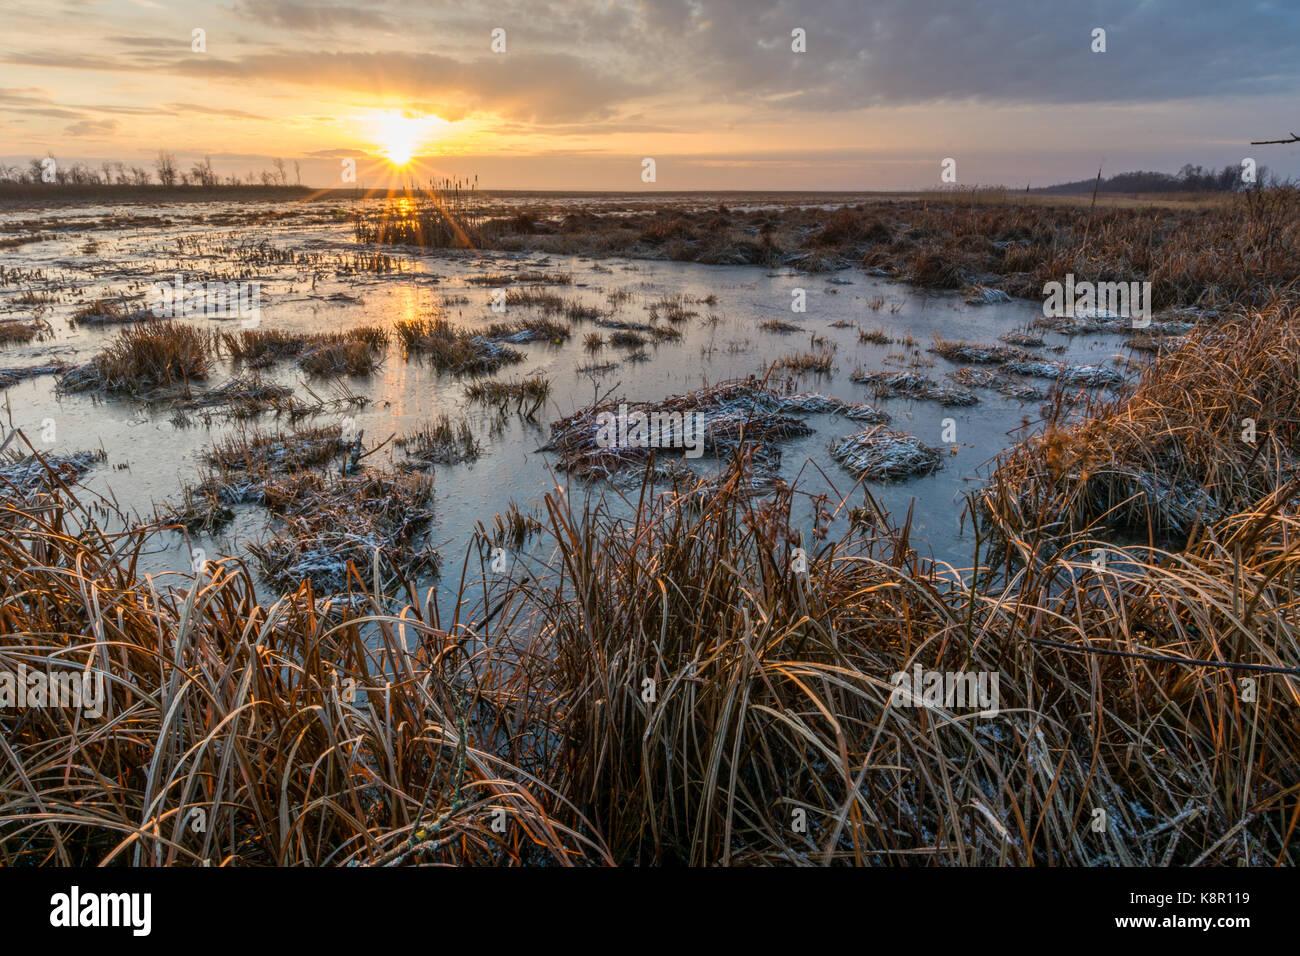 Inondées, marais couverts de givre, au lever du soleil, la Pologne, la Biebrza février Banque D'Images